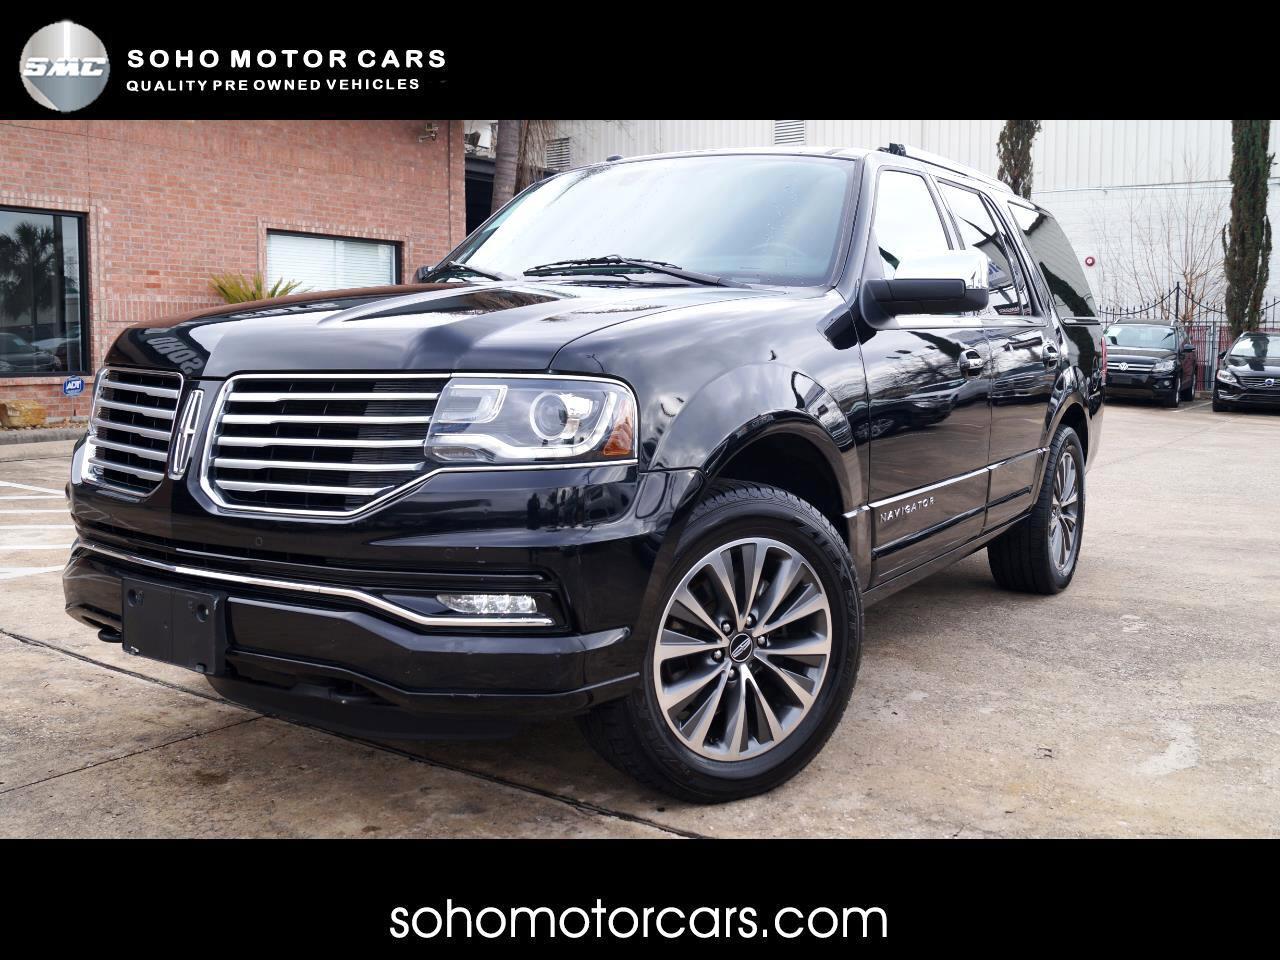 2016 Lincoln Navigator 2WD Select image